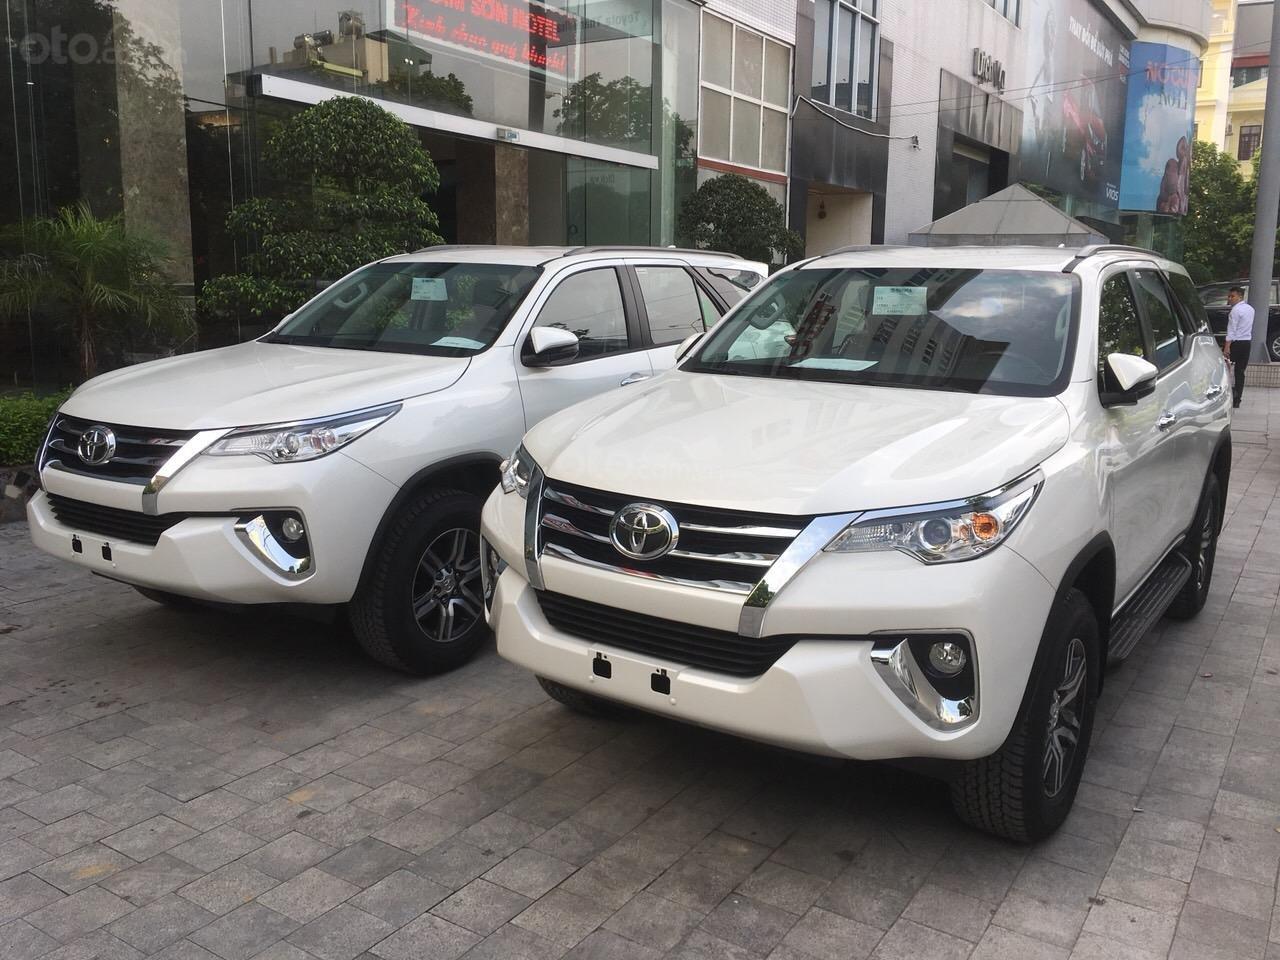 Bán ô tô Toyota Fortuner máy xăng/dầu năm 2019, xe nhập/lắp rắp, giao xe ngay-0